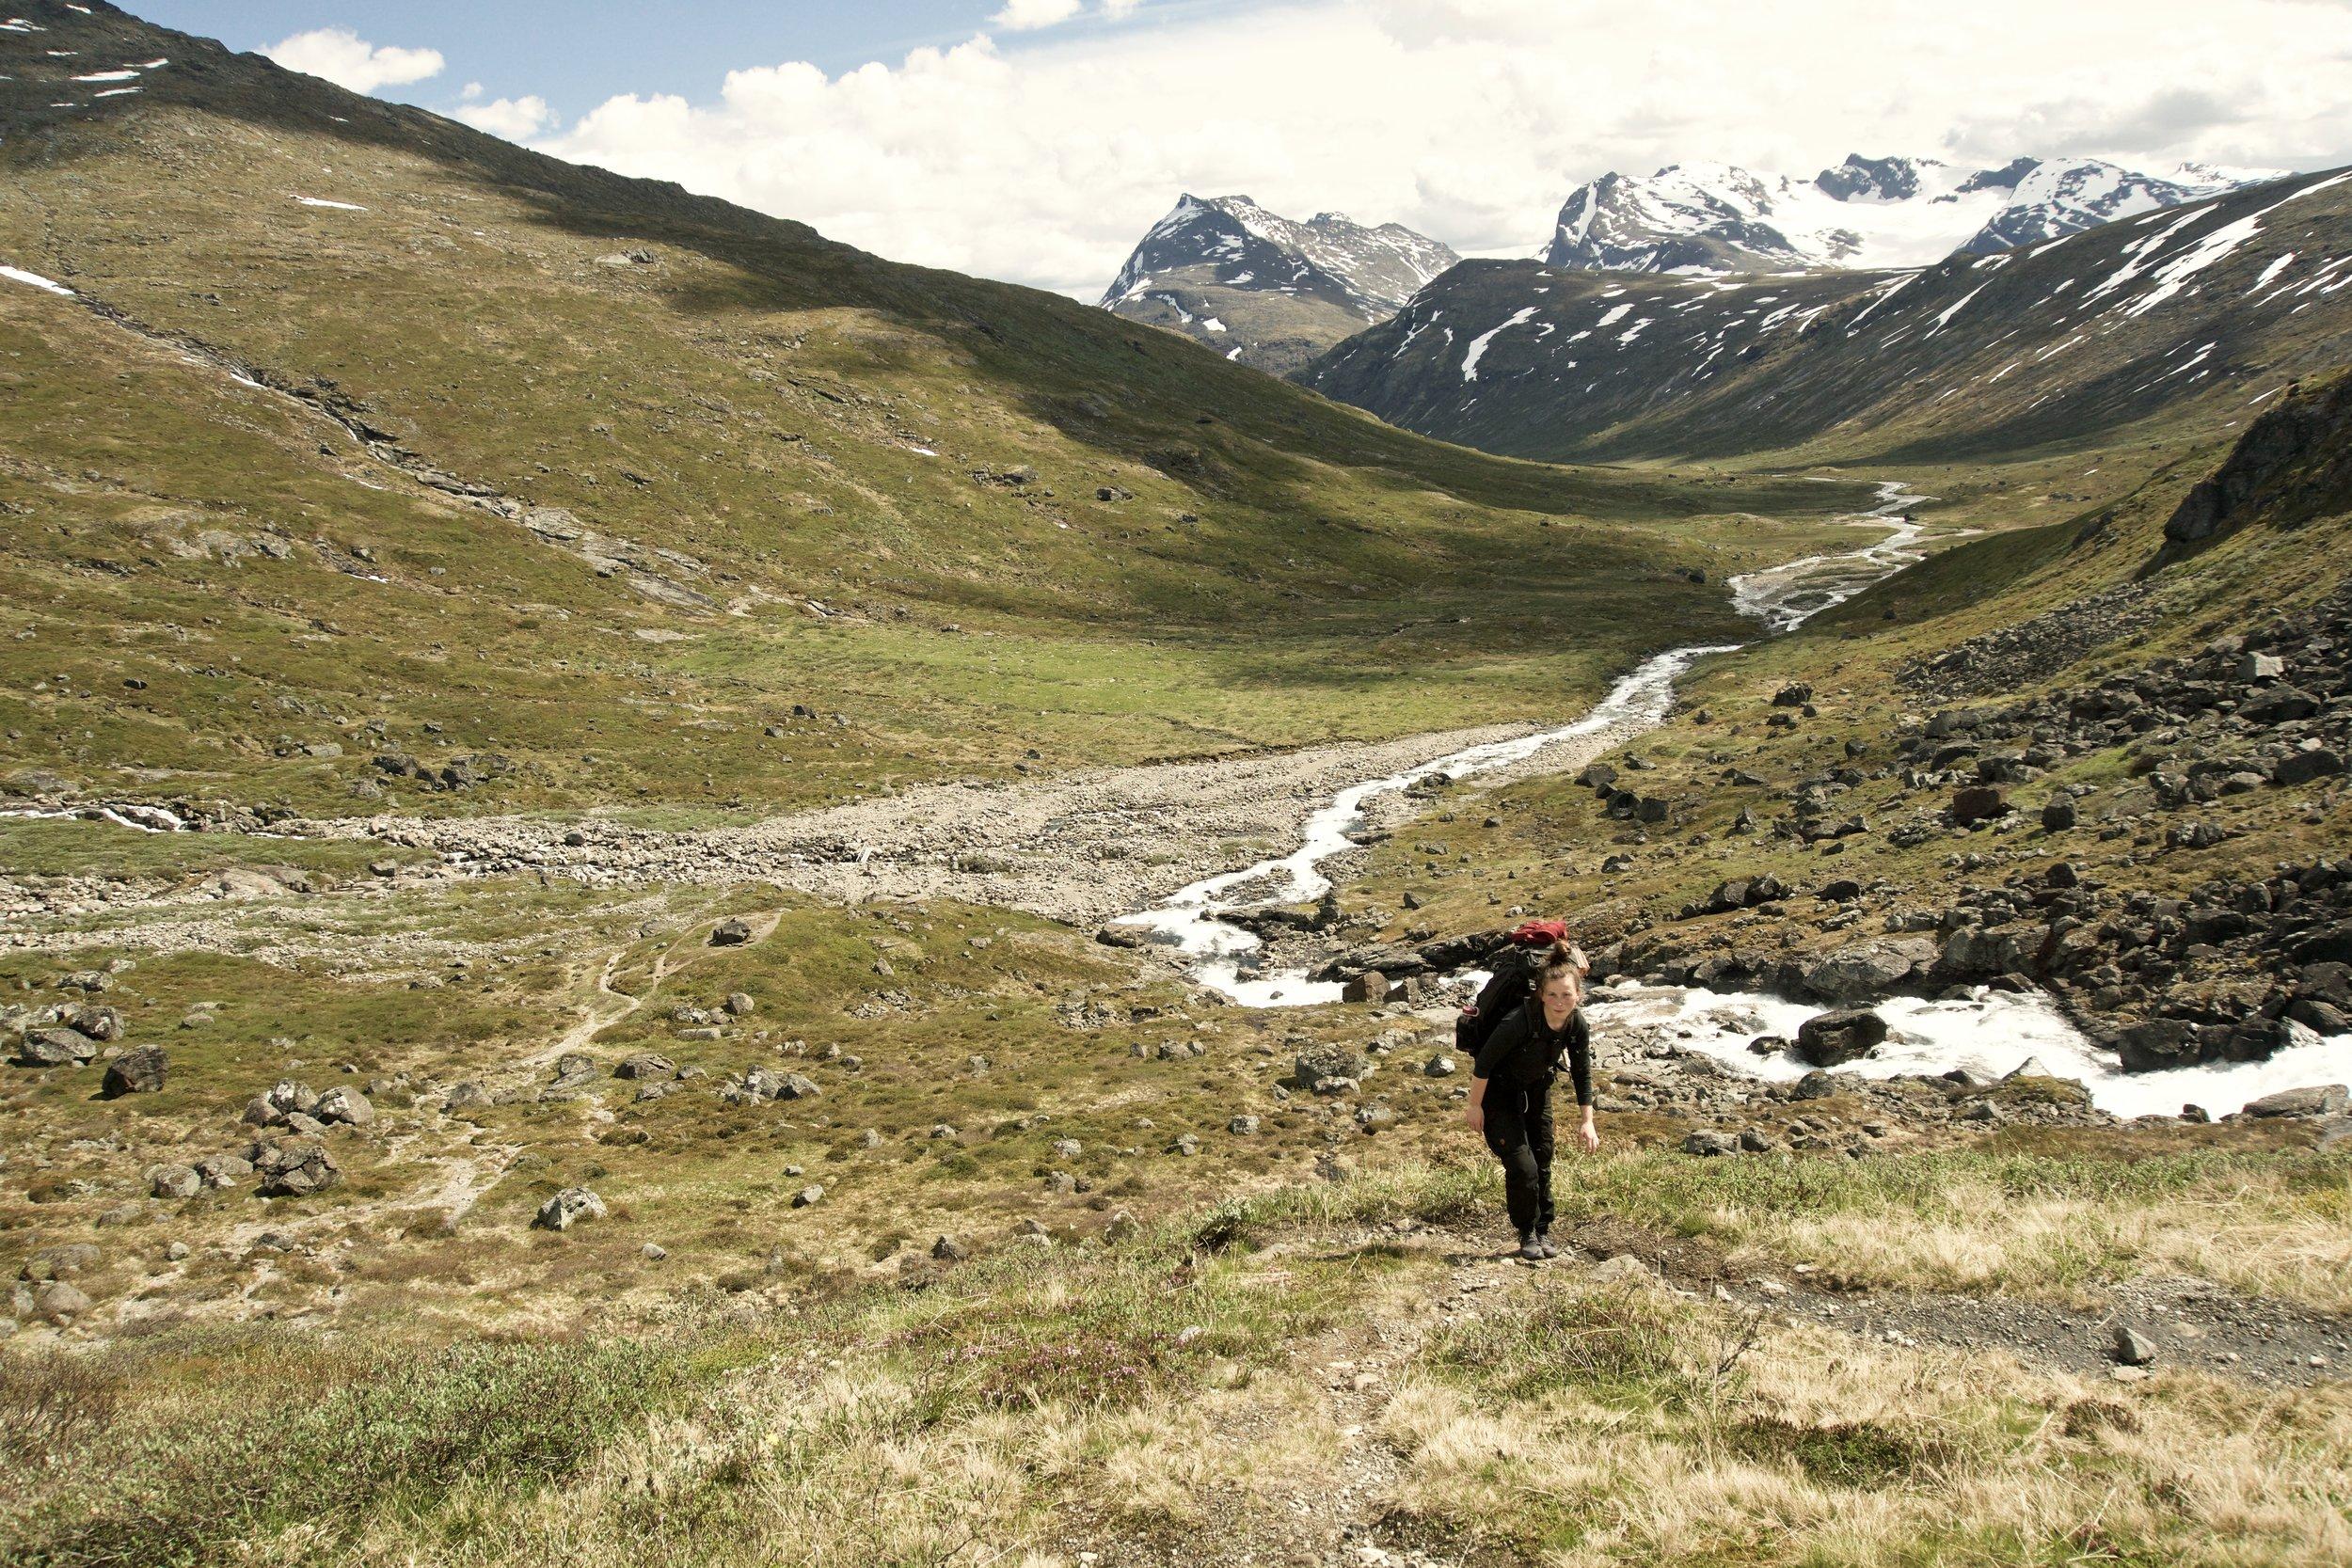 Op mod  Hellertjønne . Elven i baggrunden er  Storåe  der går helt ned til  Gjende